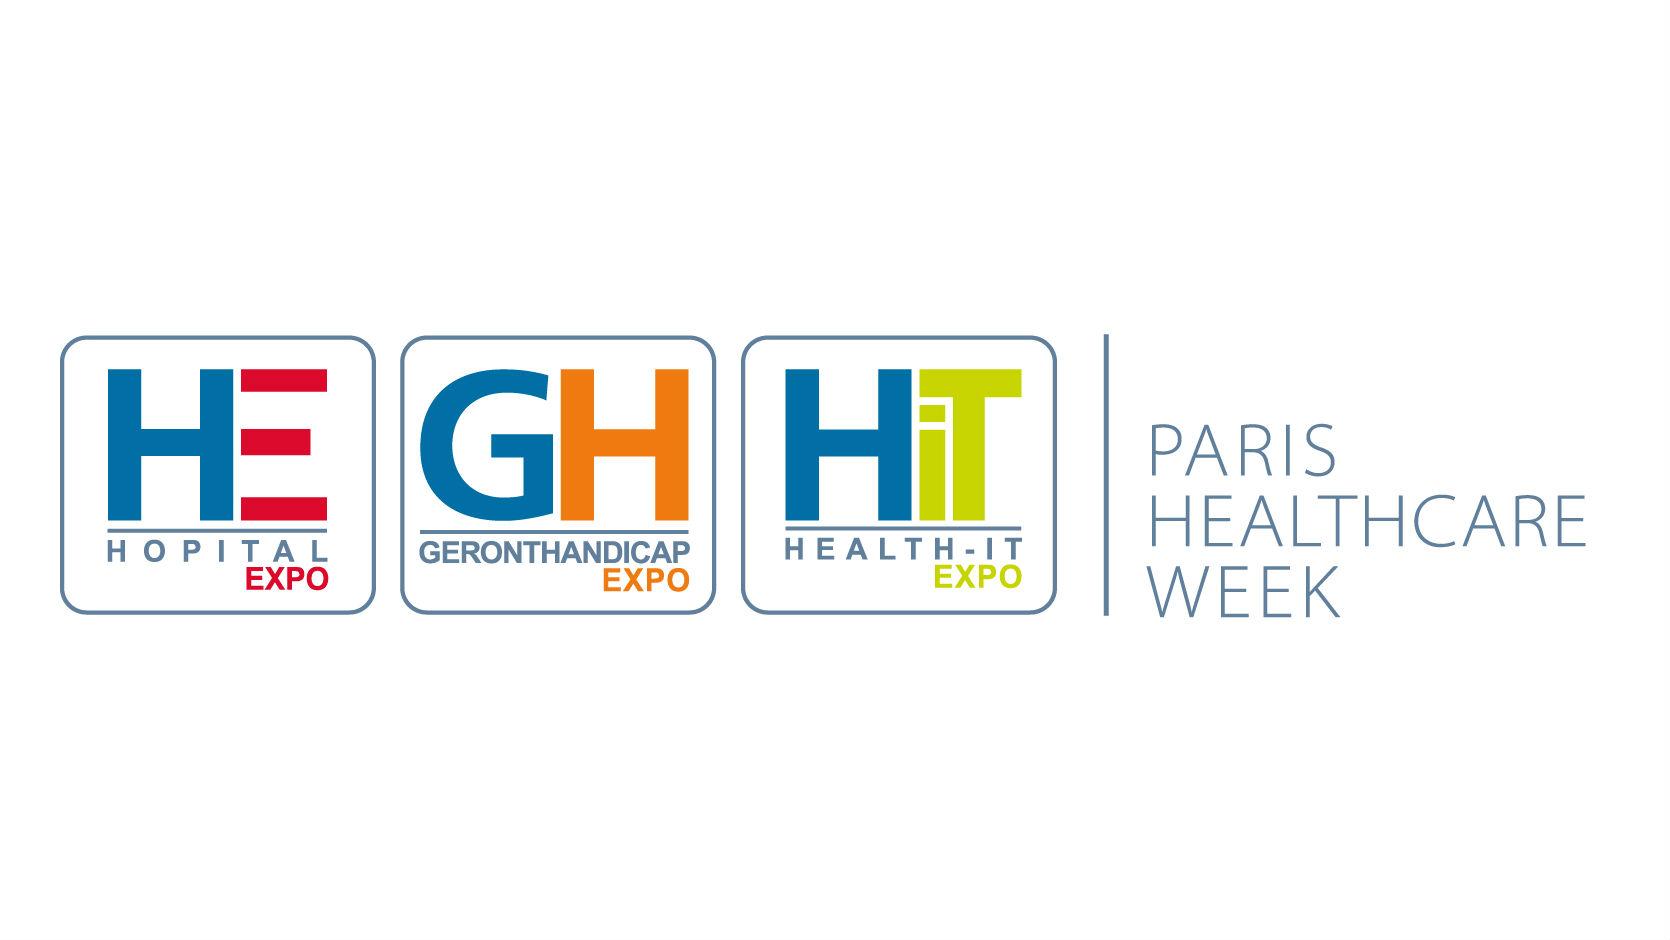 La Paris Healthcare Week